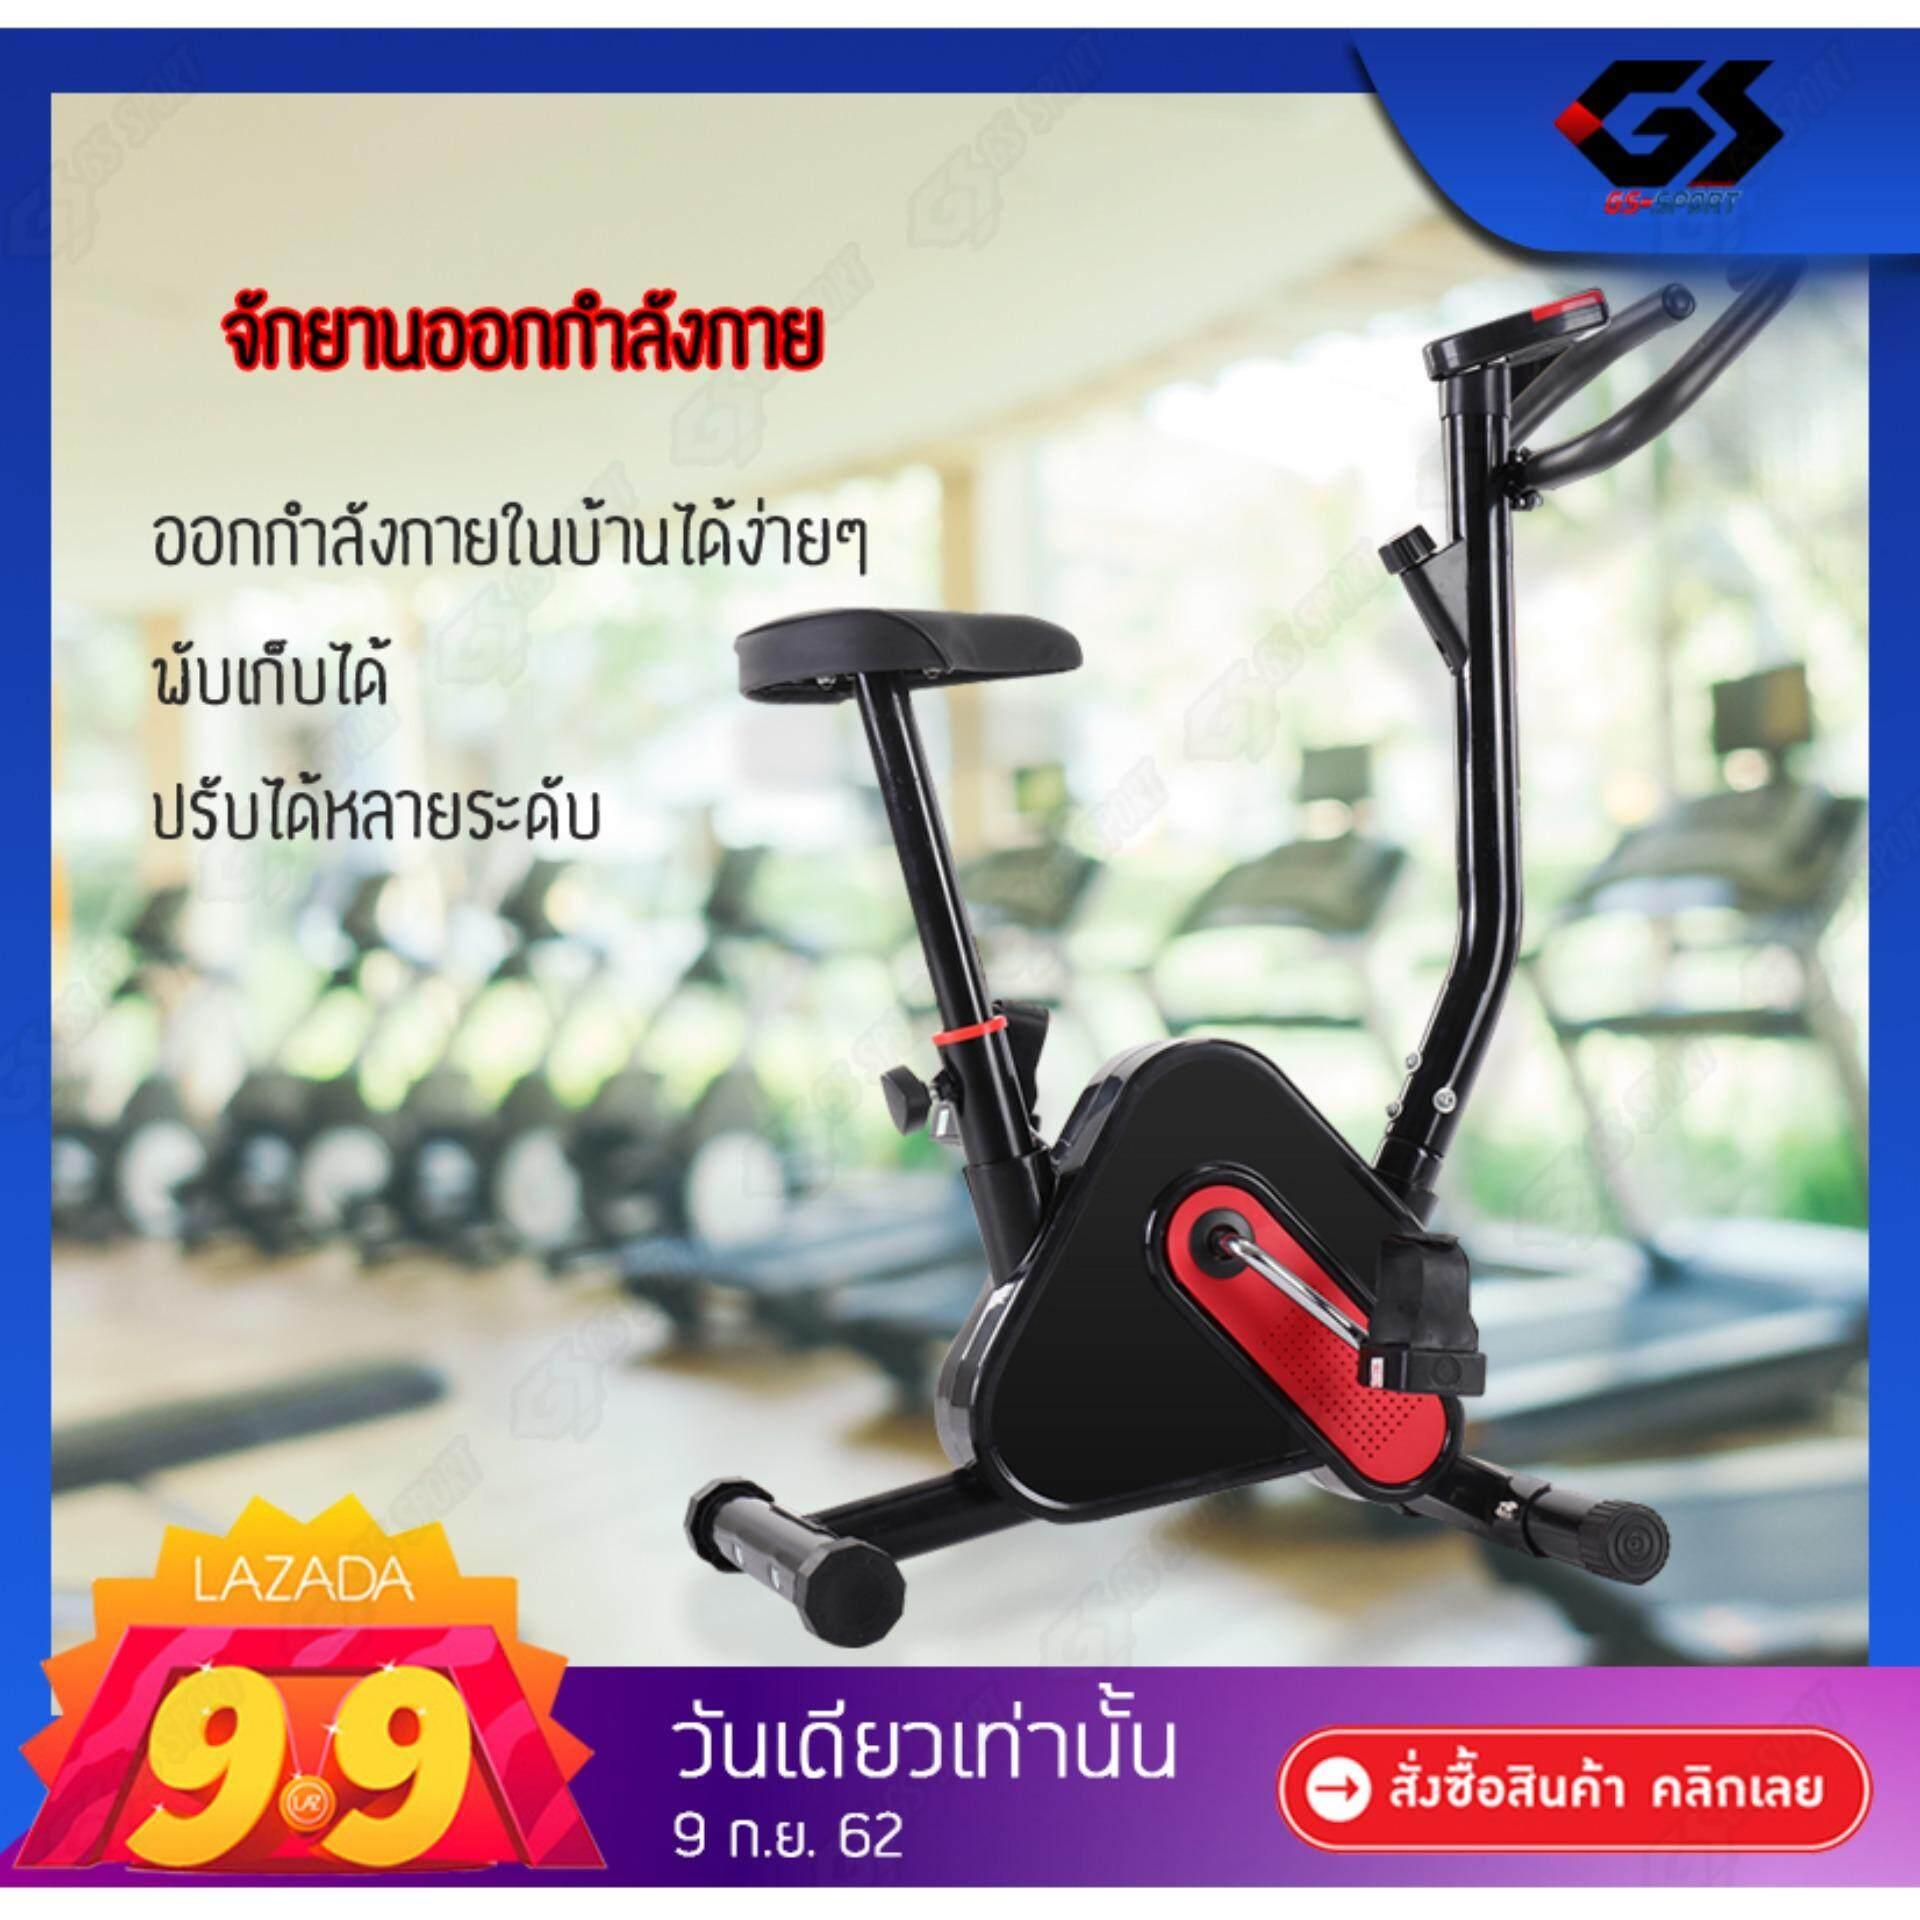 การดูแลรักษา GS SPORT จักรยานออกกำลังกาย เครื่องออกกำลังกาย Exercise Bike จักรยานบริหาร Fitness จักรยานปั่นในบ้าน